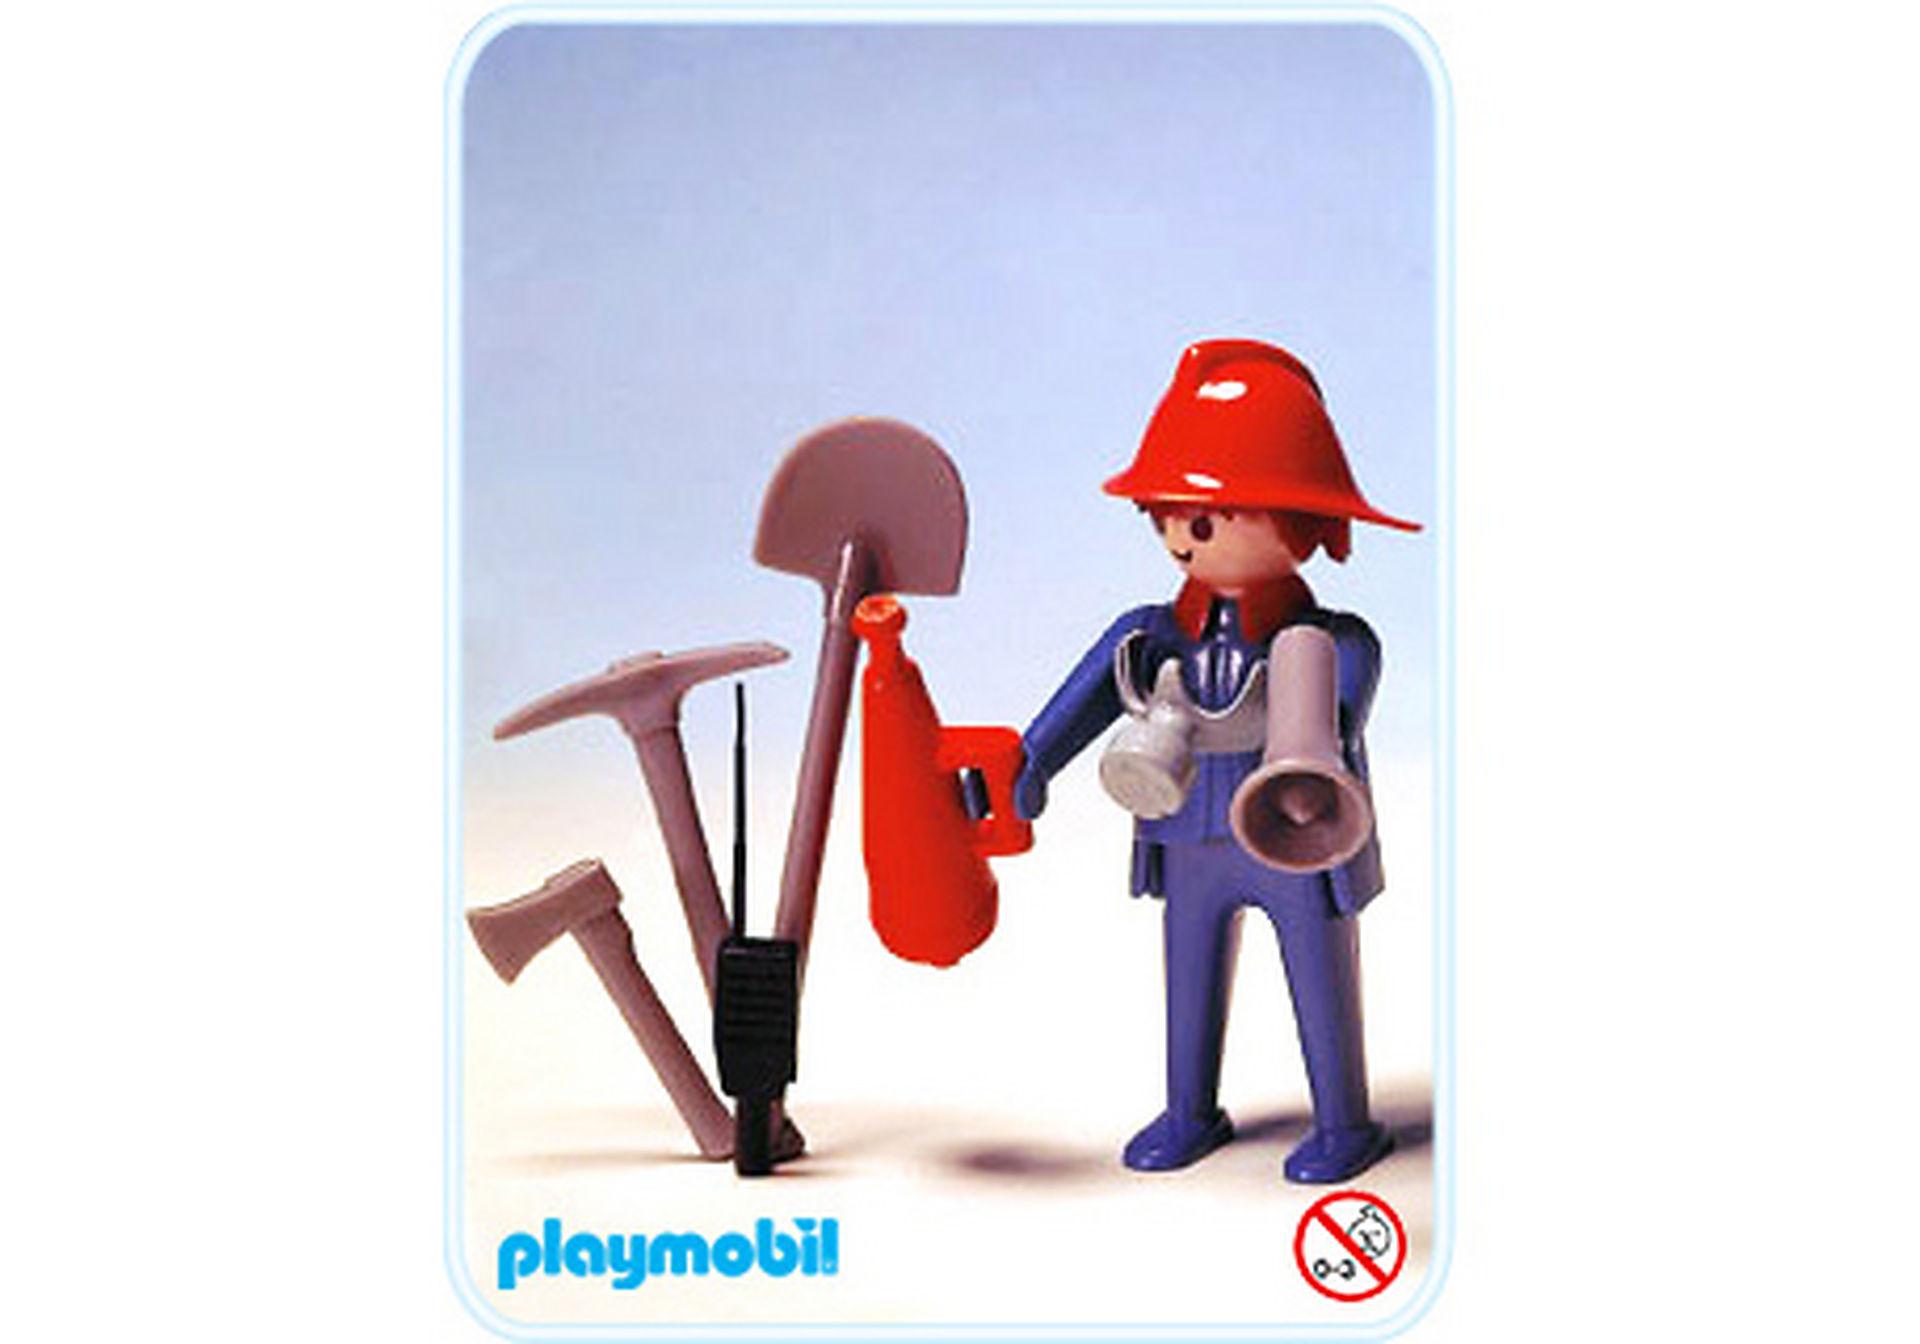 http://media.playmobil.com/i/playmobil/3366-A_product_detail/Feuerwehrmann/Feuer-Löscher